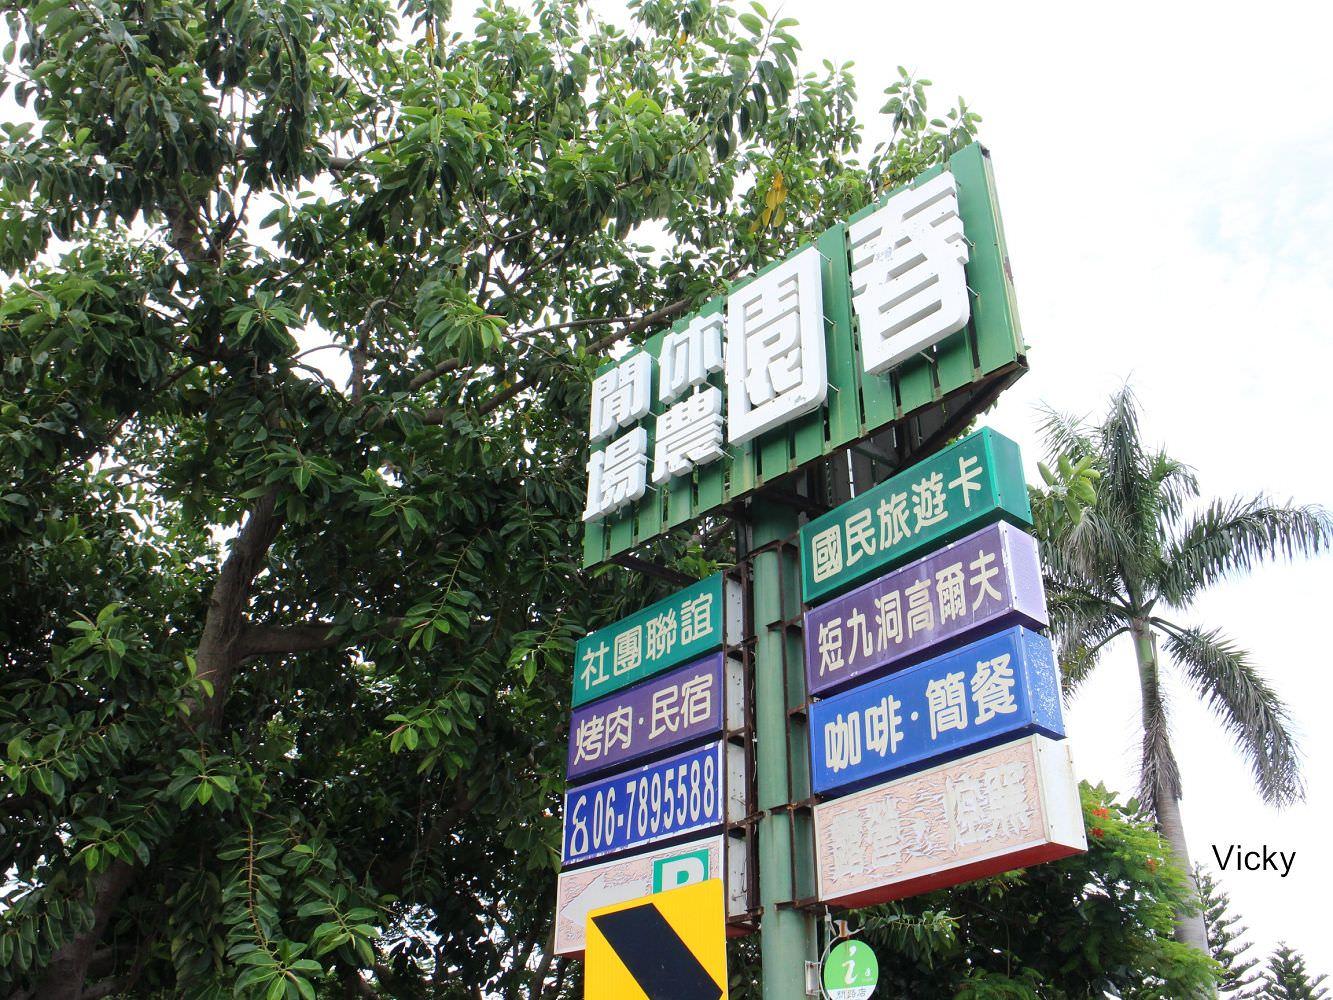 台南景點︱台南七股春園高爾夫休閒農場:親子活動好去處,餵羊、玩沙、玩水,還可大口吃烤生蚵,食材會不會太豐富了啊!內附如何訂餐,才能吃得巧又吃得飽。